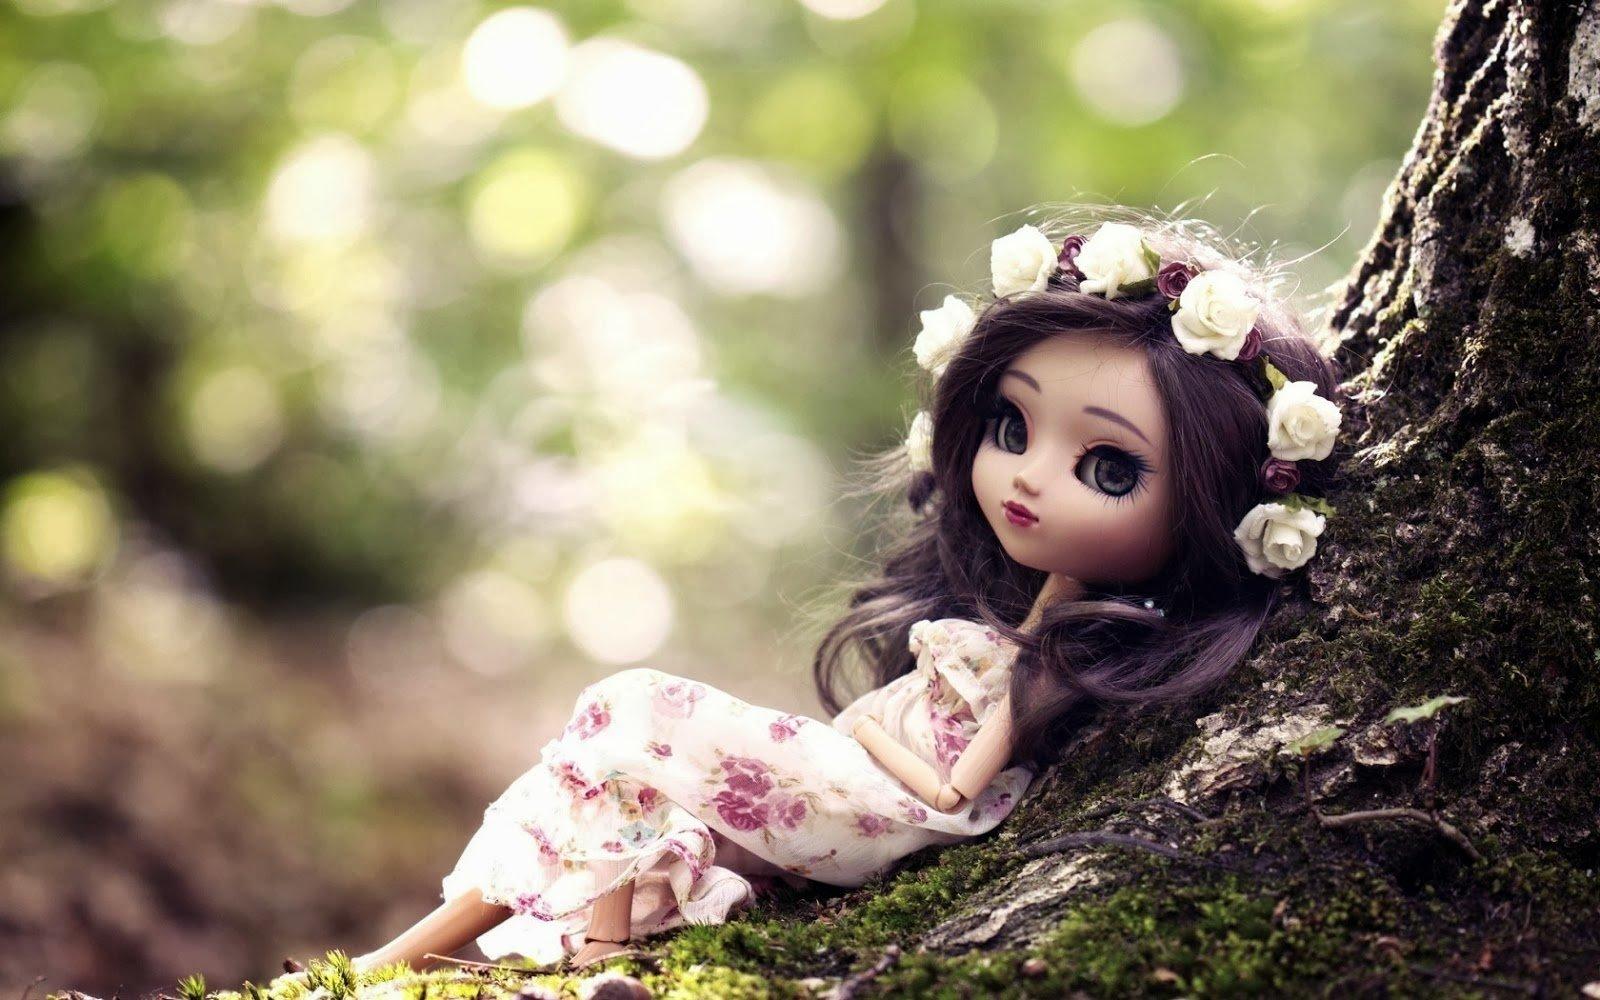 Very Cute Doll Wallpapers - WallpaperSafari